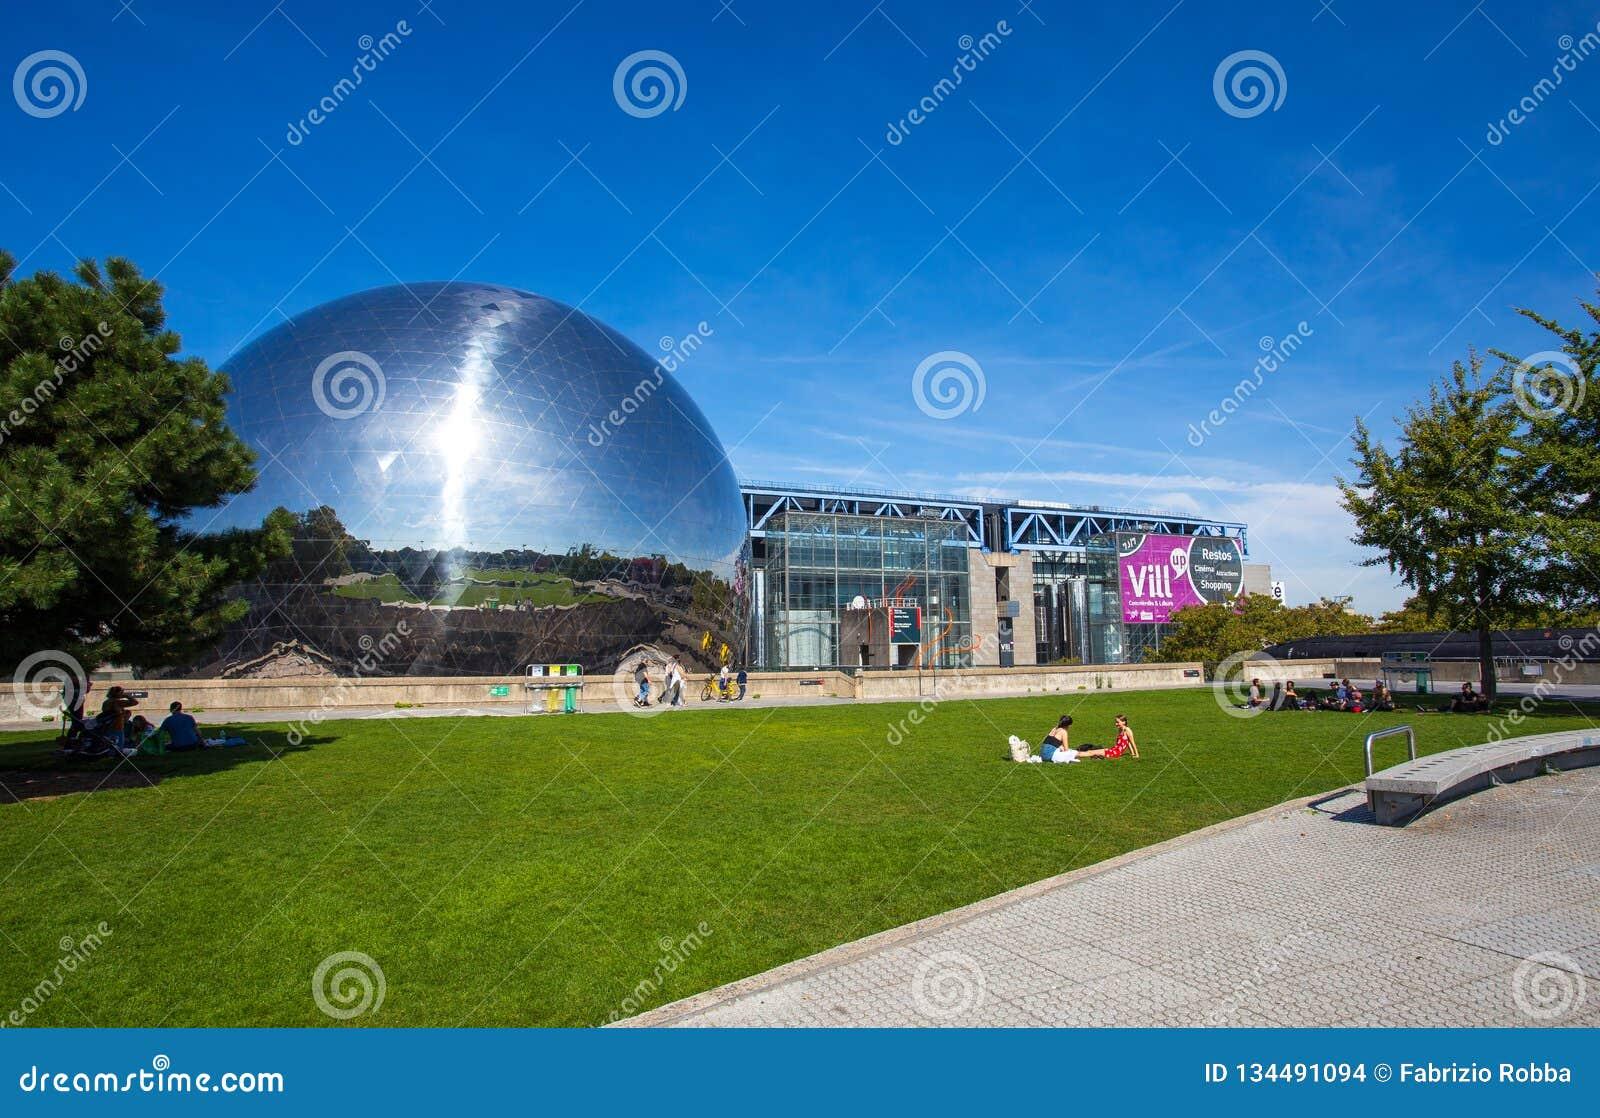 O geode na cidade da ciência e da indústria no parque de Villette, Paris, França